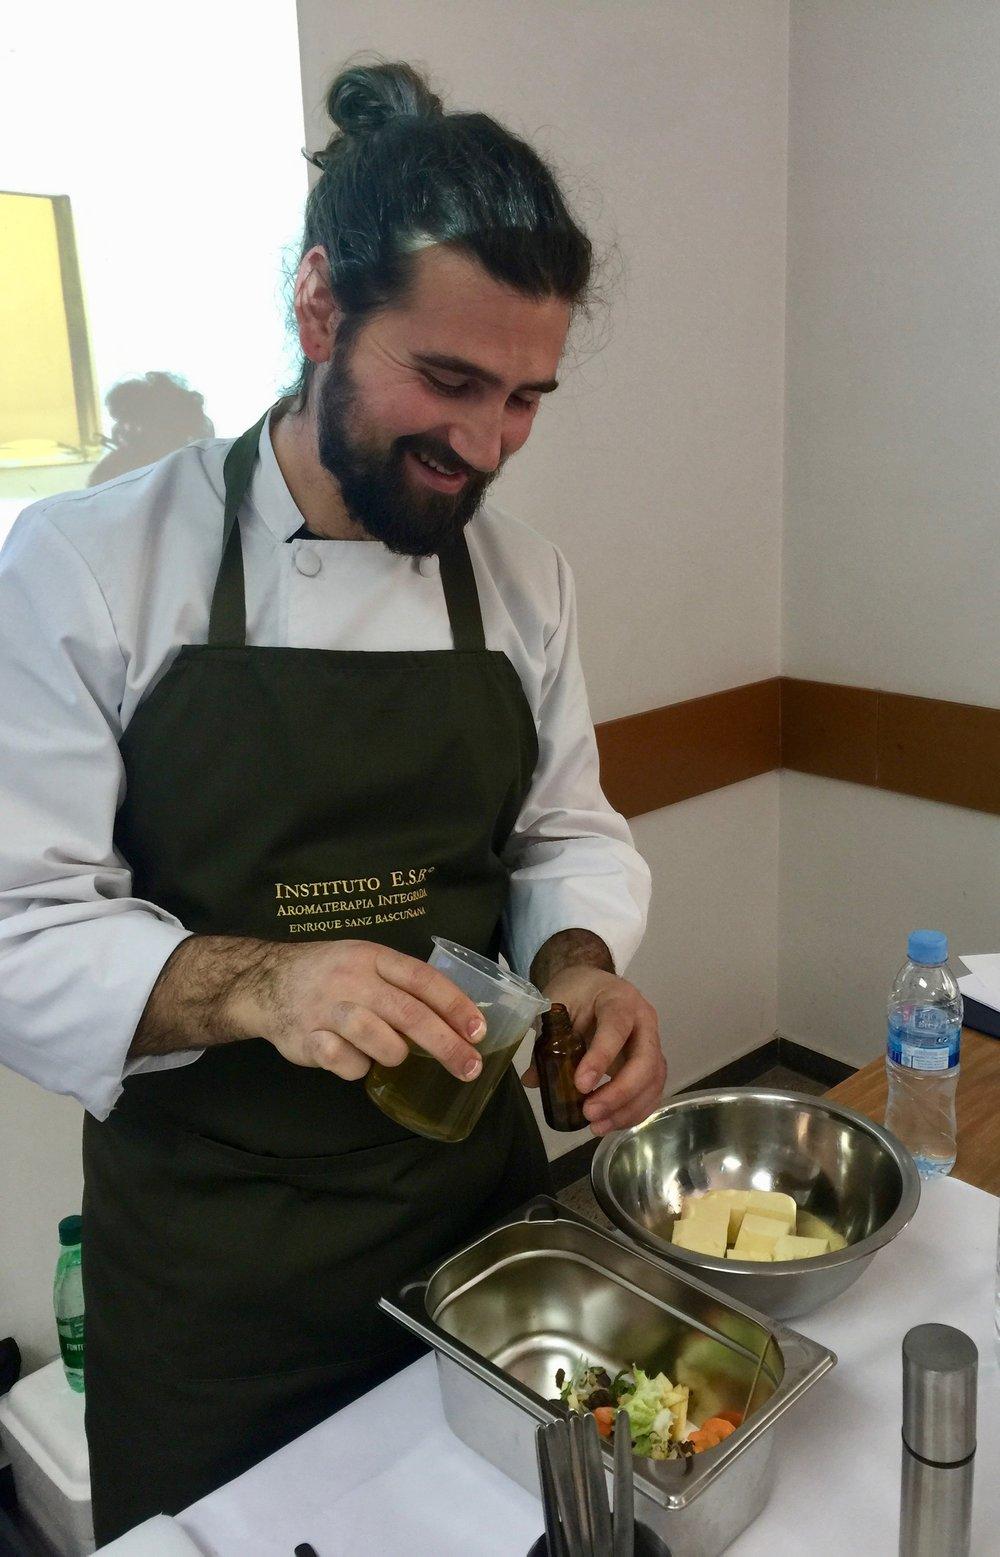 Adrian cocina aceites esenciales.jpg